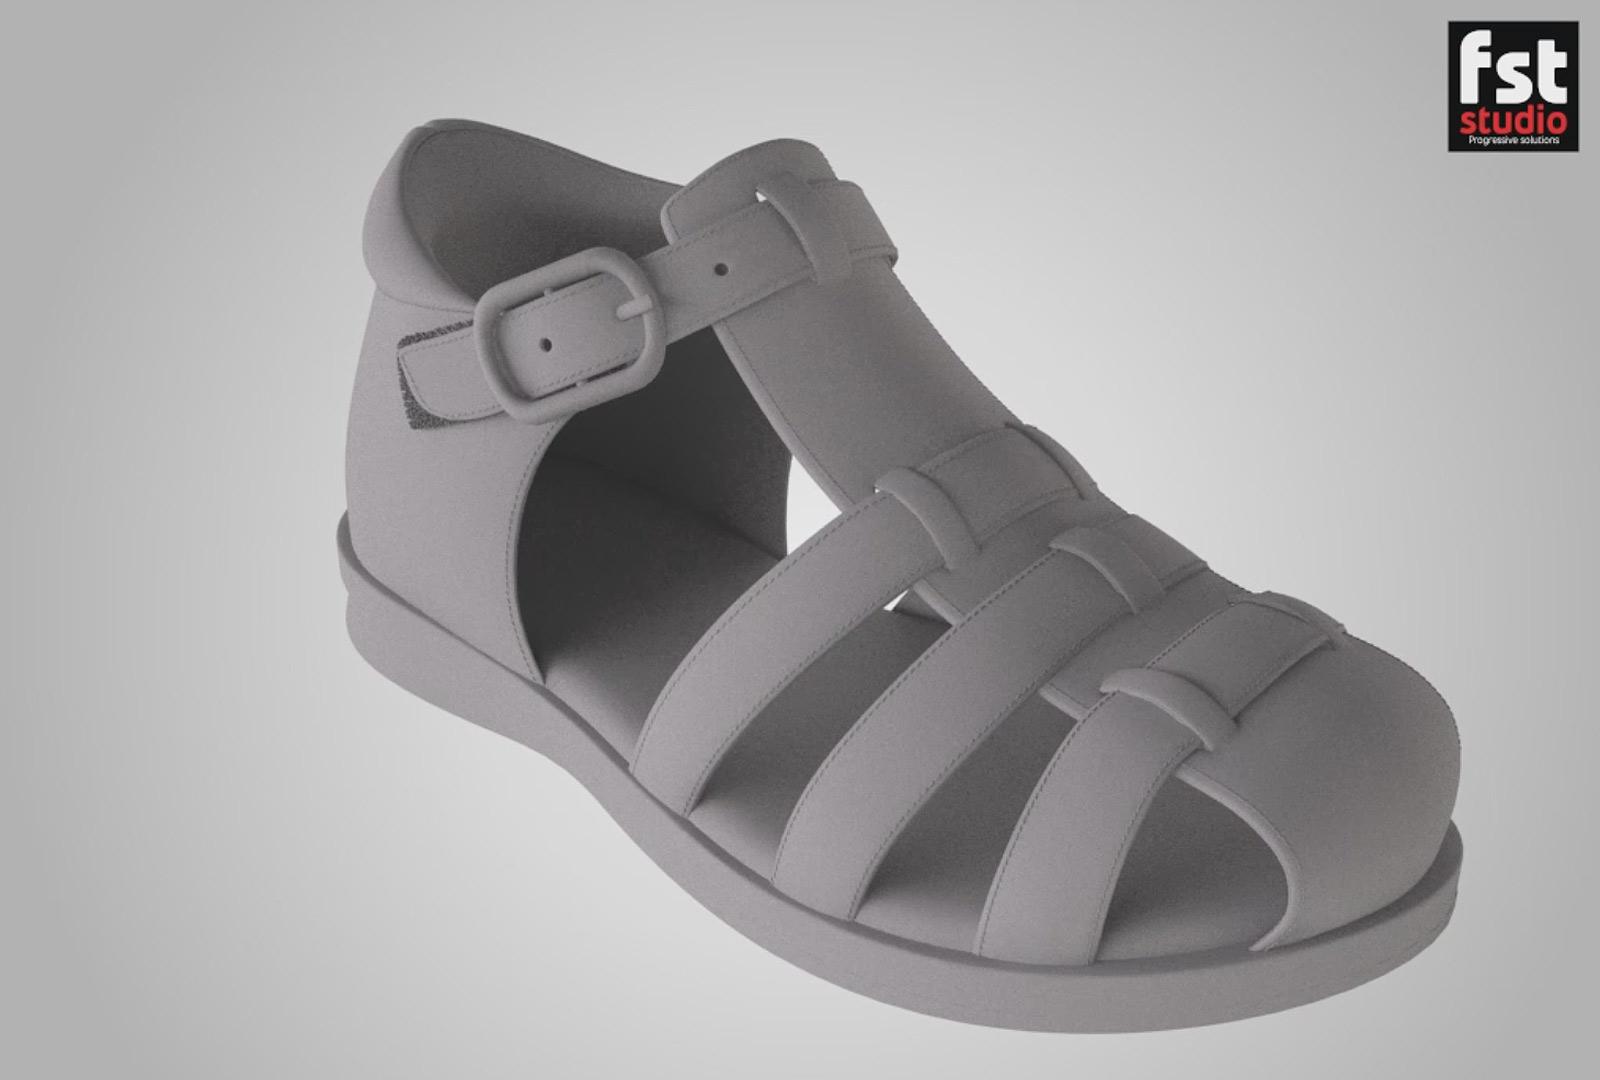 calzature_bambina5